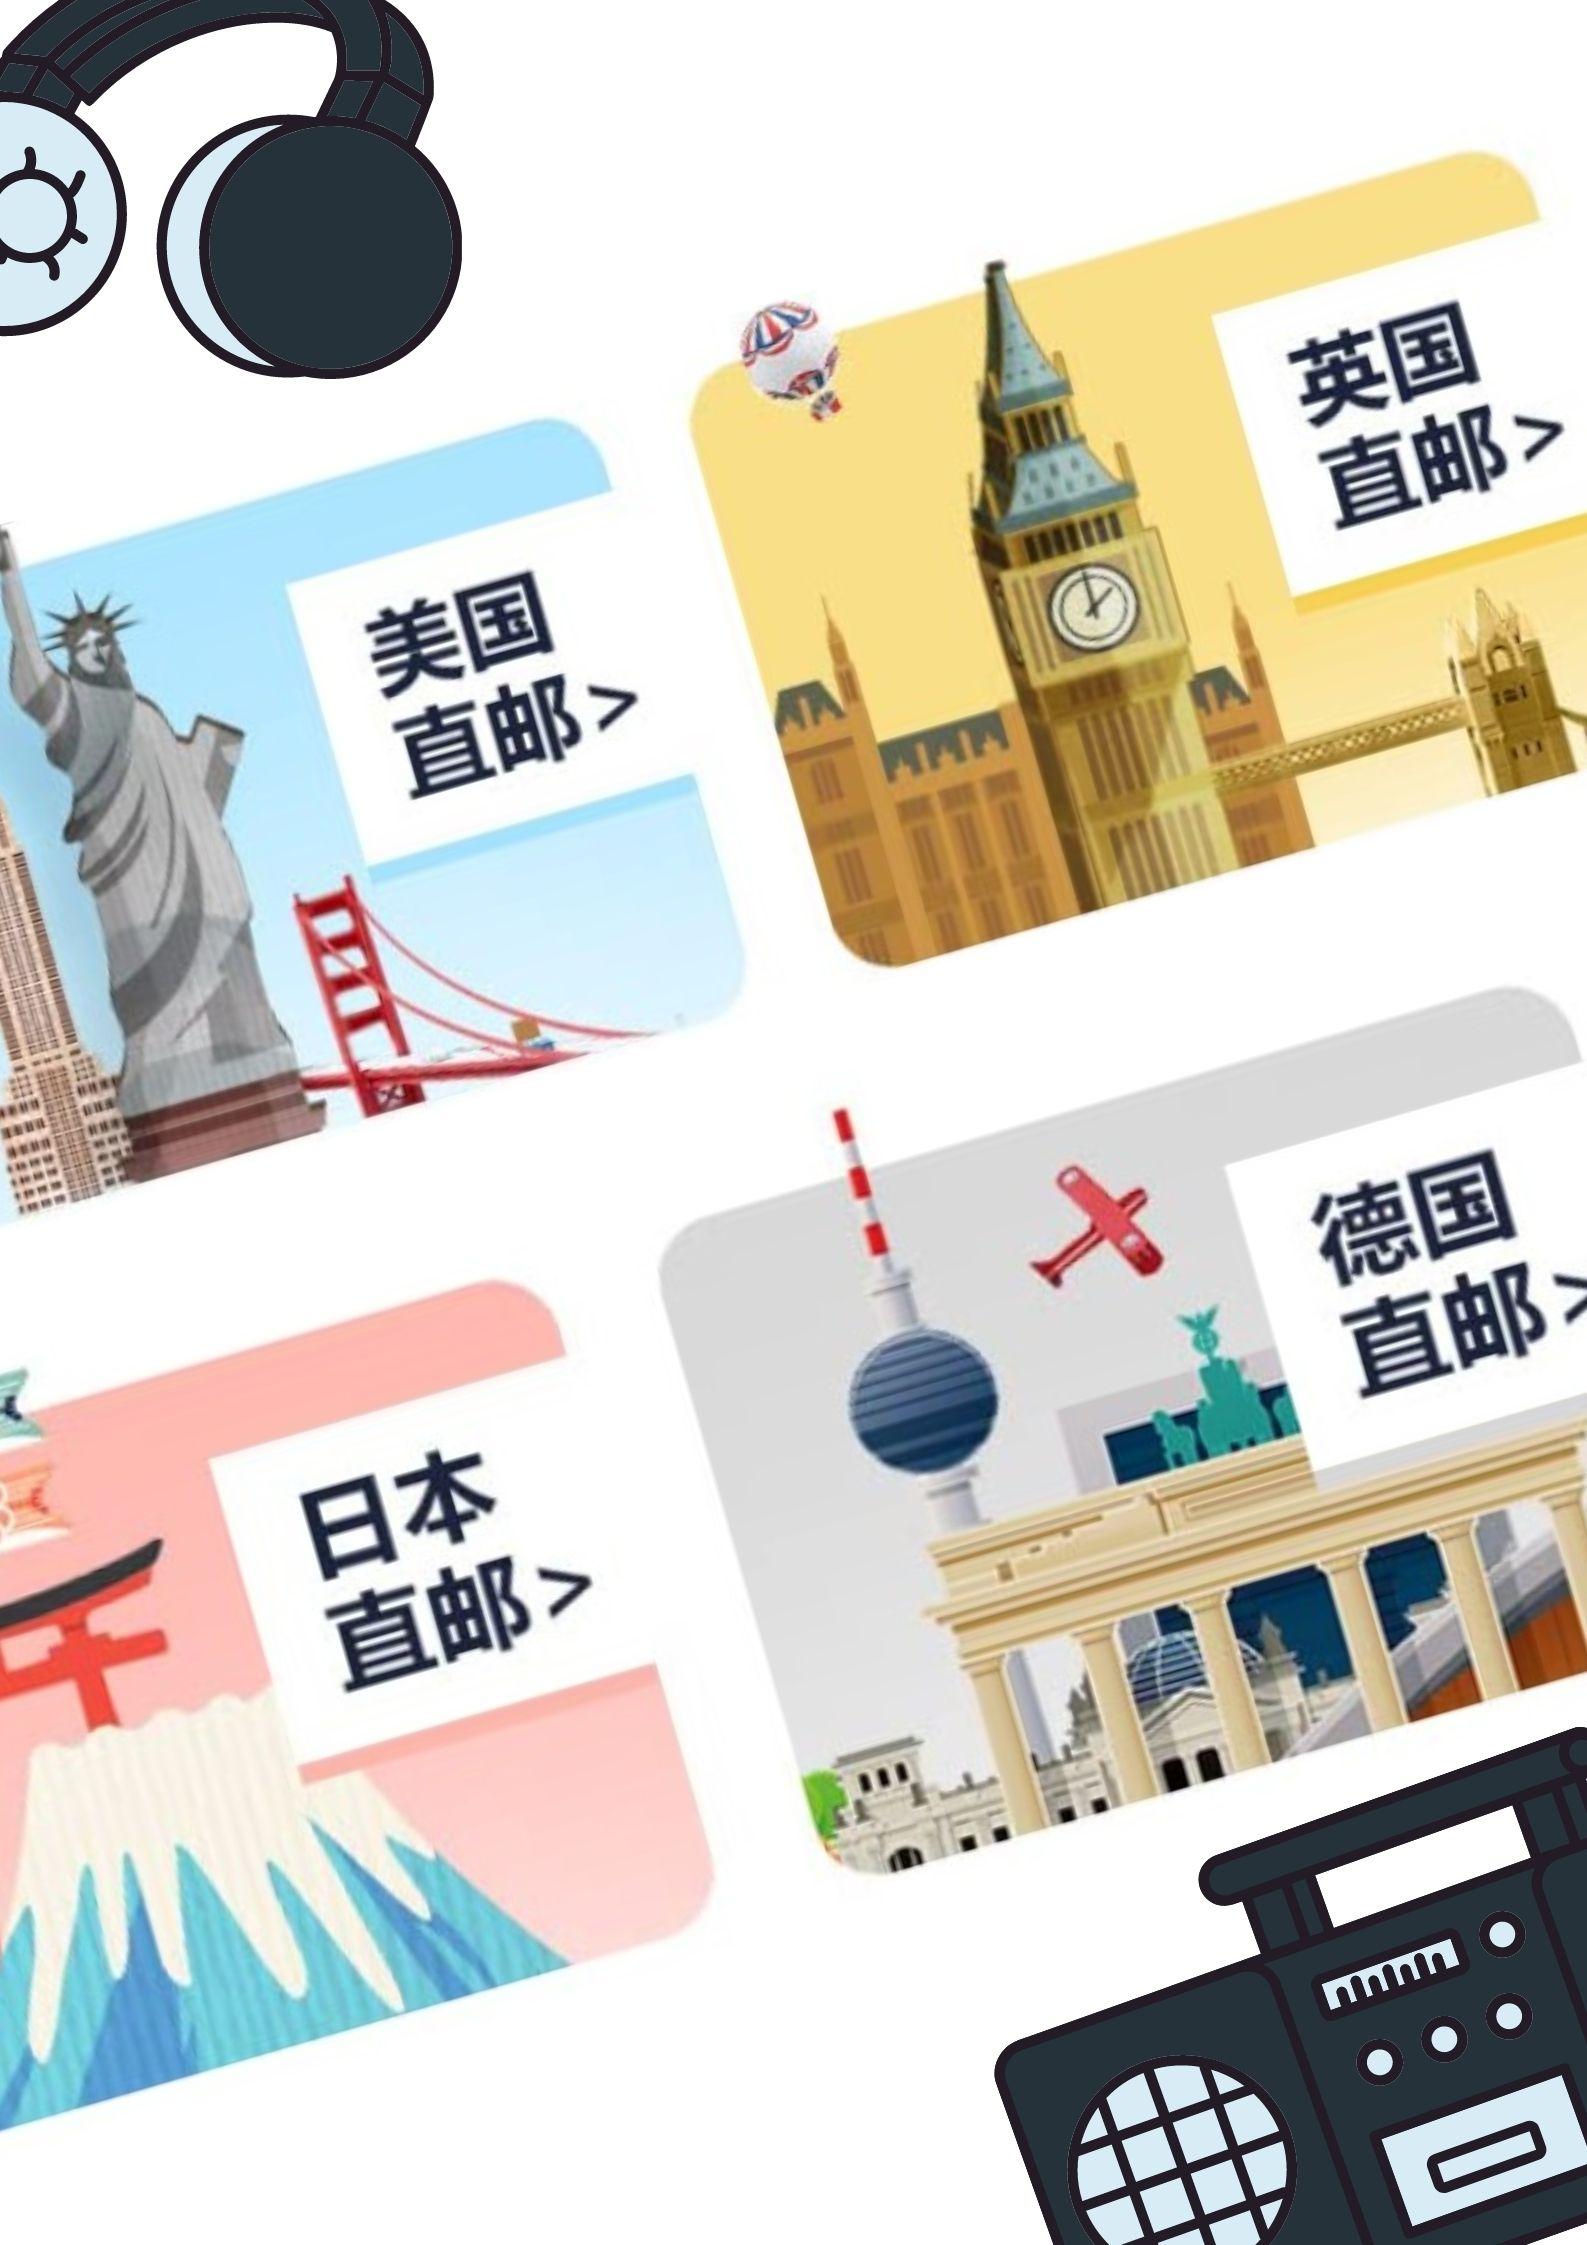 亚马逊海外购可从亚马逊美国、日本、英国、德国站下单直邮